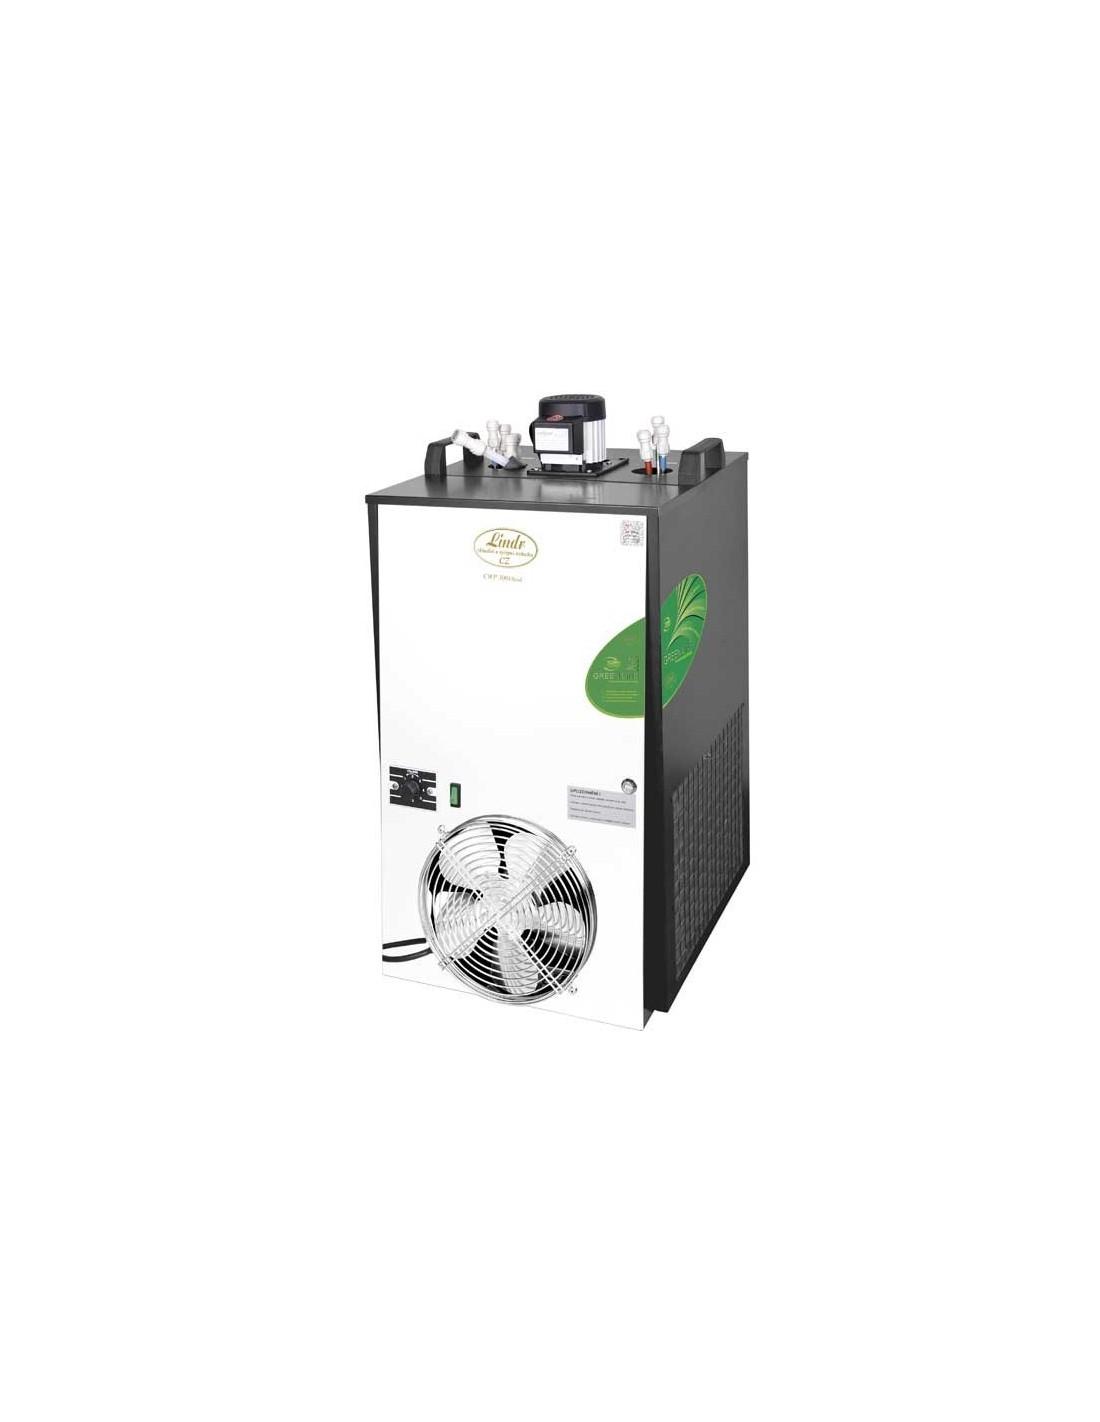 """CWP00487 - Vätskekylda fatölskylare med isbank - CWP 300 """"green line"""" 8 kylslingor + snabbkopplingar"""